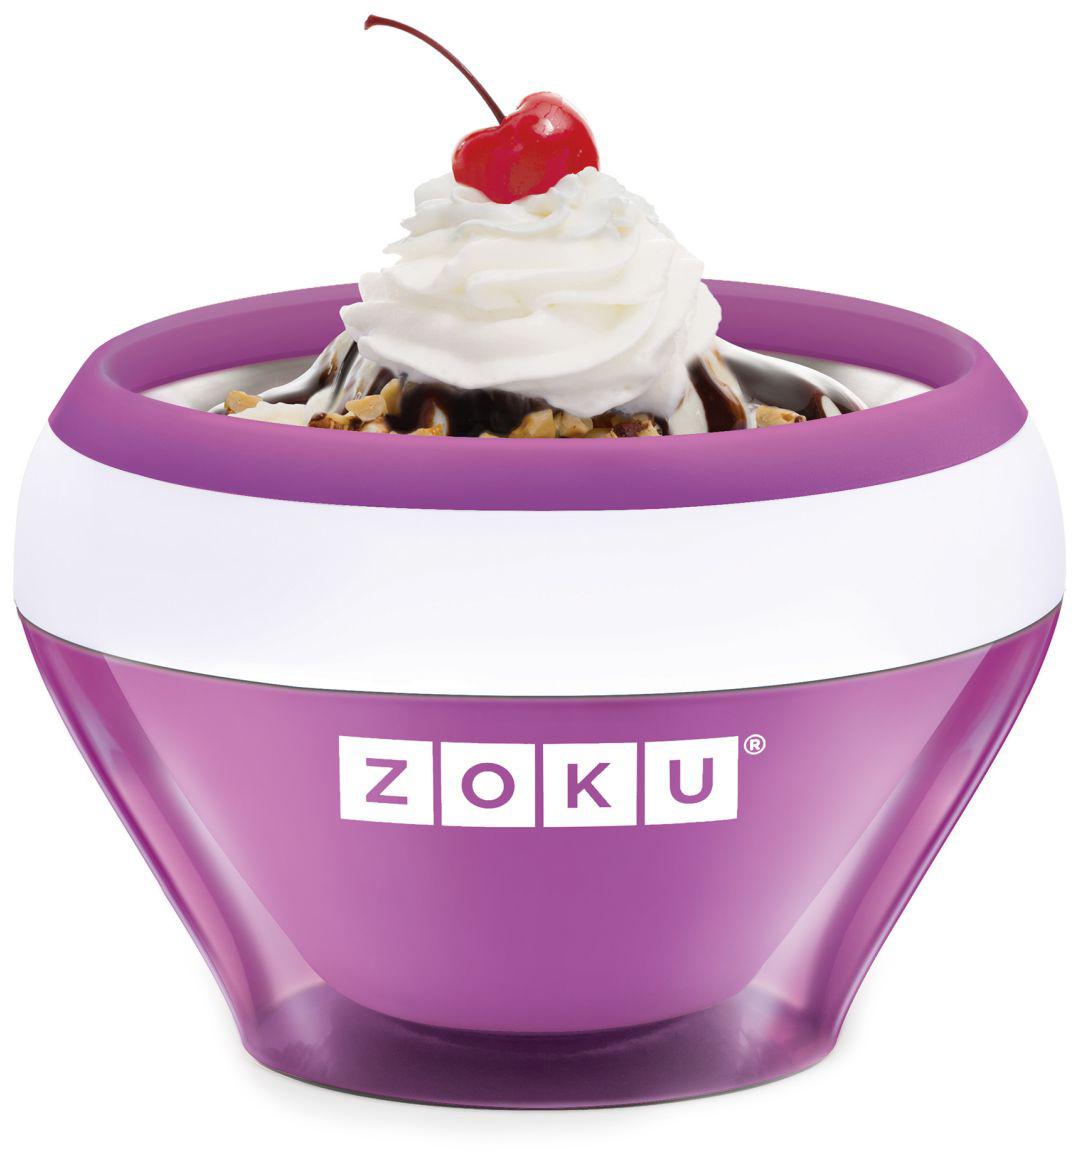 Мороженица Zoku Ice Cream Maker, цвет: фиолетовый, 150 мл. ZK120-PUZK120-PUС помощью компактного Ice Cream Maker вы сможете быстро и без усилий приготовить натуральные домашние десерты: мороженое, сорбет, щербет, замороженный йогурт, заварной крем и прочие лакомства. Почувствуйте себя настоящим профессионалом – создавайте вкусные и полезные десерты на основе натуральных ингредиентов. Комбинируйте вкусовые добавки и украшайте готовое мороженое фруктами, сладкими или пряными присыпками, орехами и шоколадом. Как использовать: 1. Поместите внутреннюю пустую форму в морозильную камеру на двенадцать и более часов. Форма должна быть абсолютно сухой и располагаться вертикально.2. Через двенадцать часов верните её во внешний корпус и наполните желаемыми продуктами. Все ингредиенты должны быть охлажденными.3. Сразу начинайте перемешивать массу с помощью специальной ложки. Не давайте краям примерзнуть к форме. Через 7-10 минут ваш десерт готов. Для получения твердого мороженого поместите форму в морозильную камеру на дополнительные 10-15 минут. Объем - 150 мл. Не содержит вредных примесей и бисфенола-А. Не подходит для использования в микроволновой печи. Моется вручную.